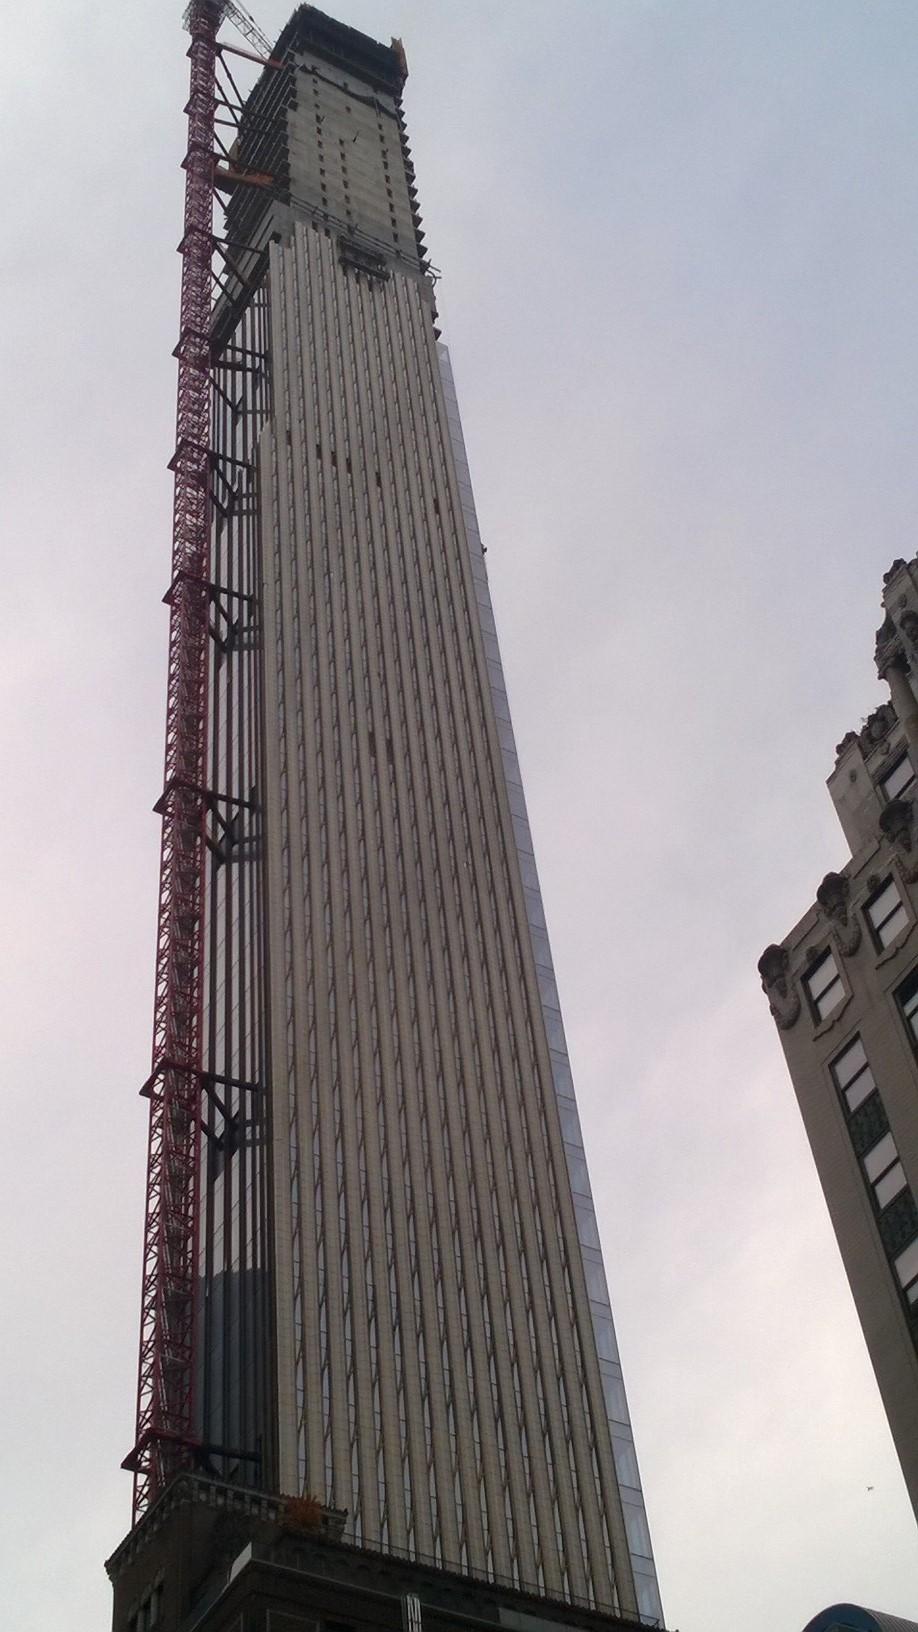 Tiene 438 metros de altura